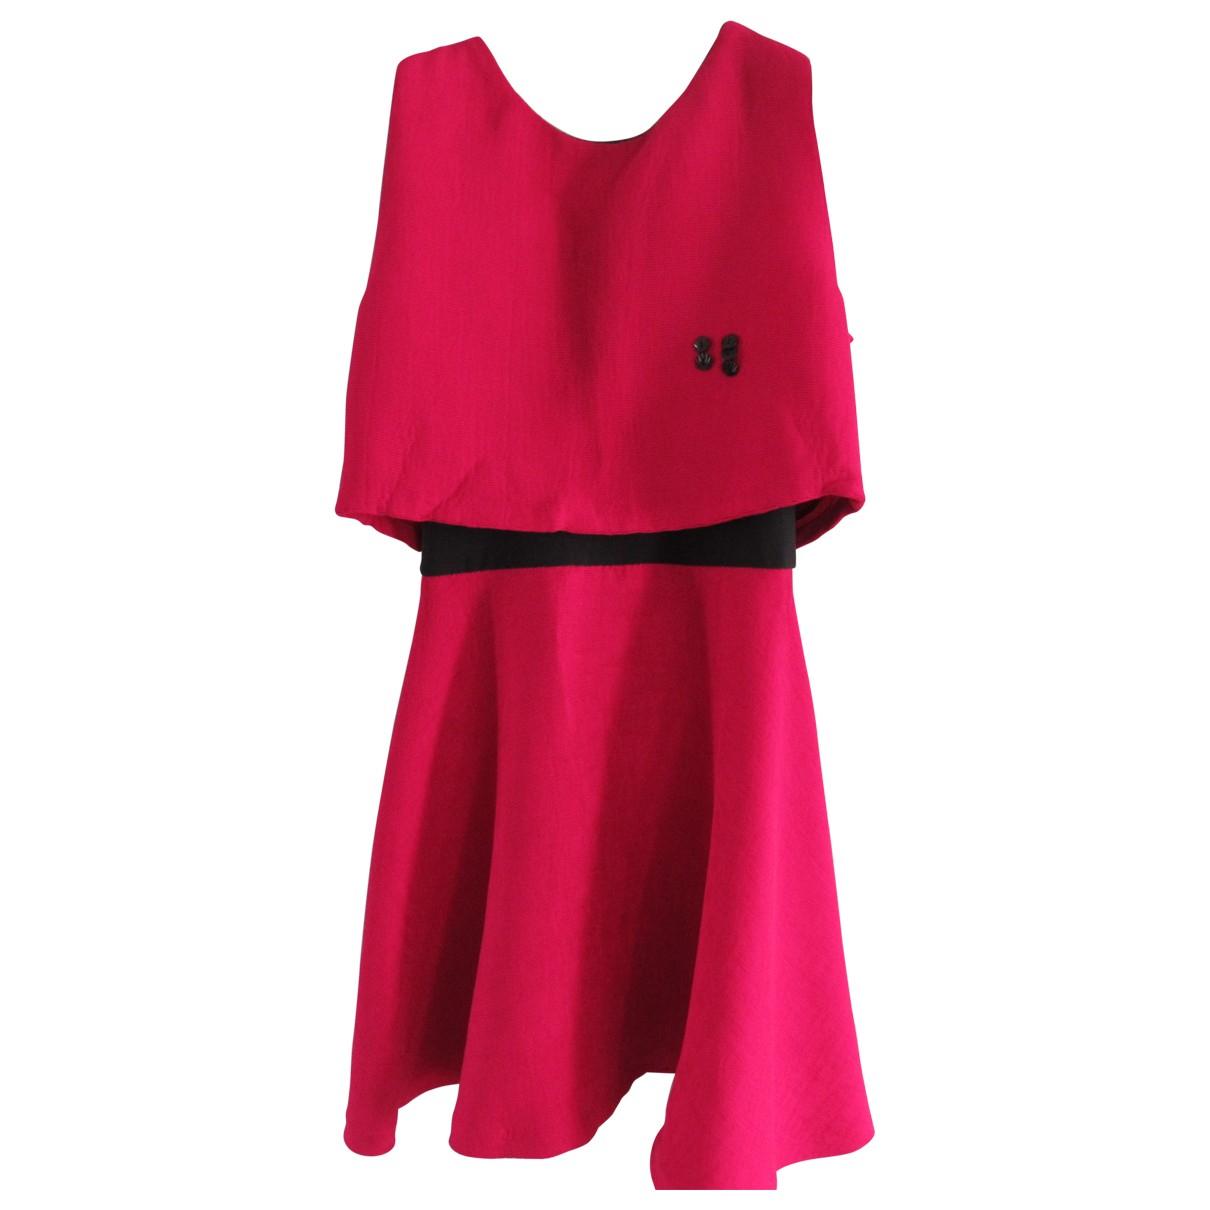 Maje \N Burgundy dress for Women 36 FR